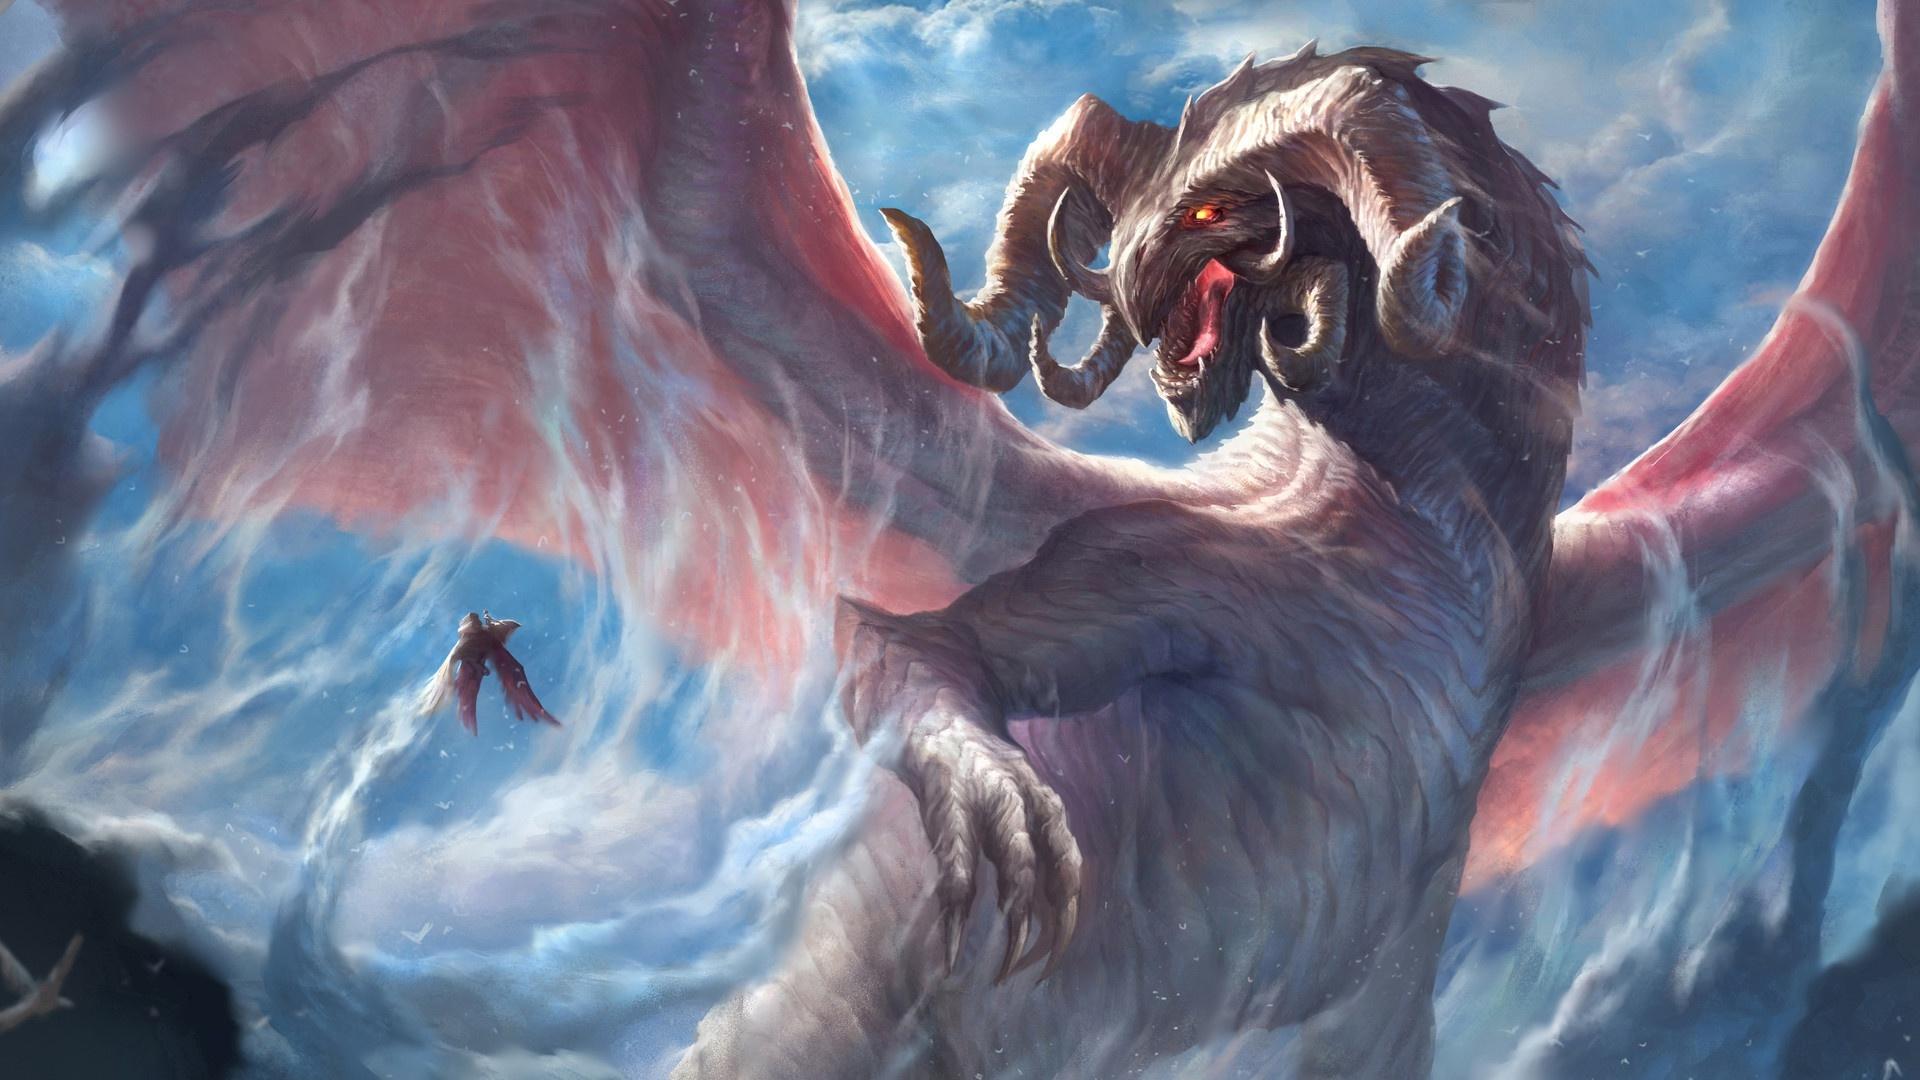 Zendha 1080p Full Hd Dragon Wallpaper